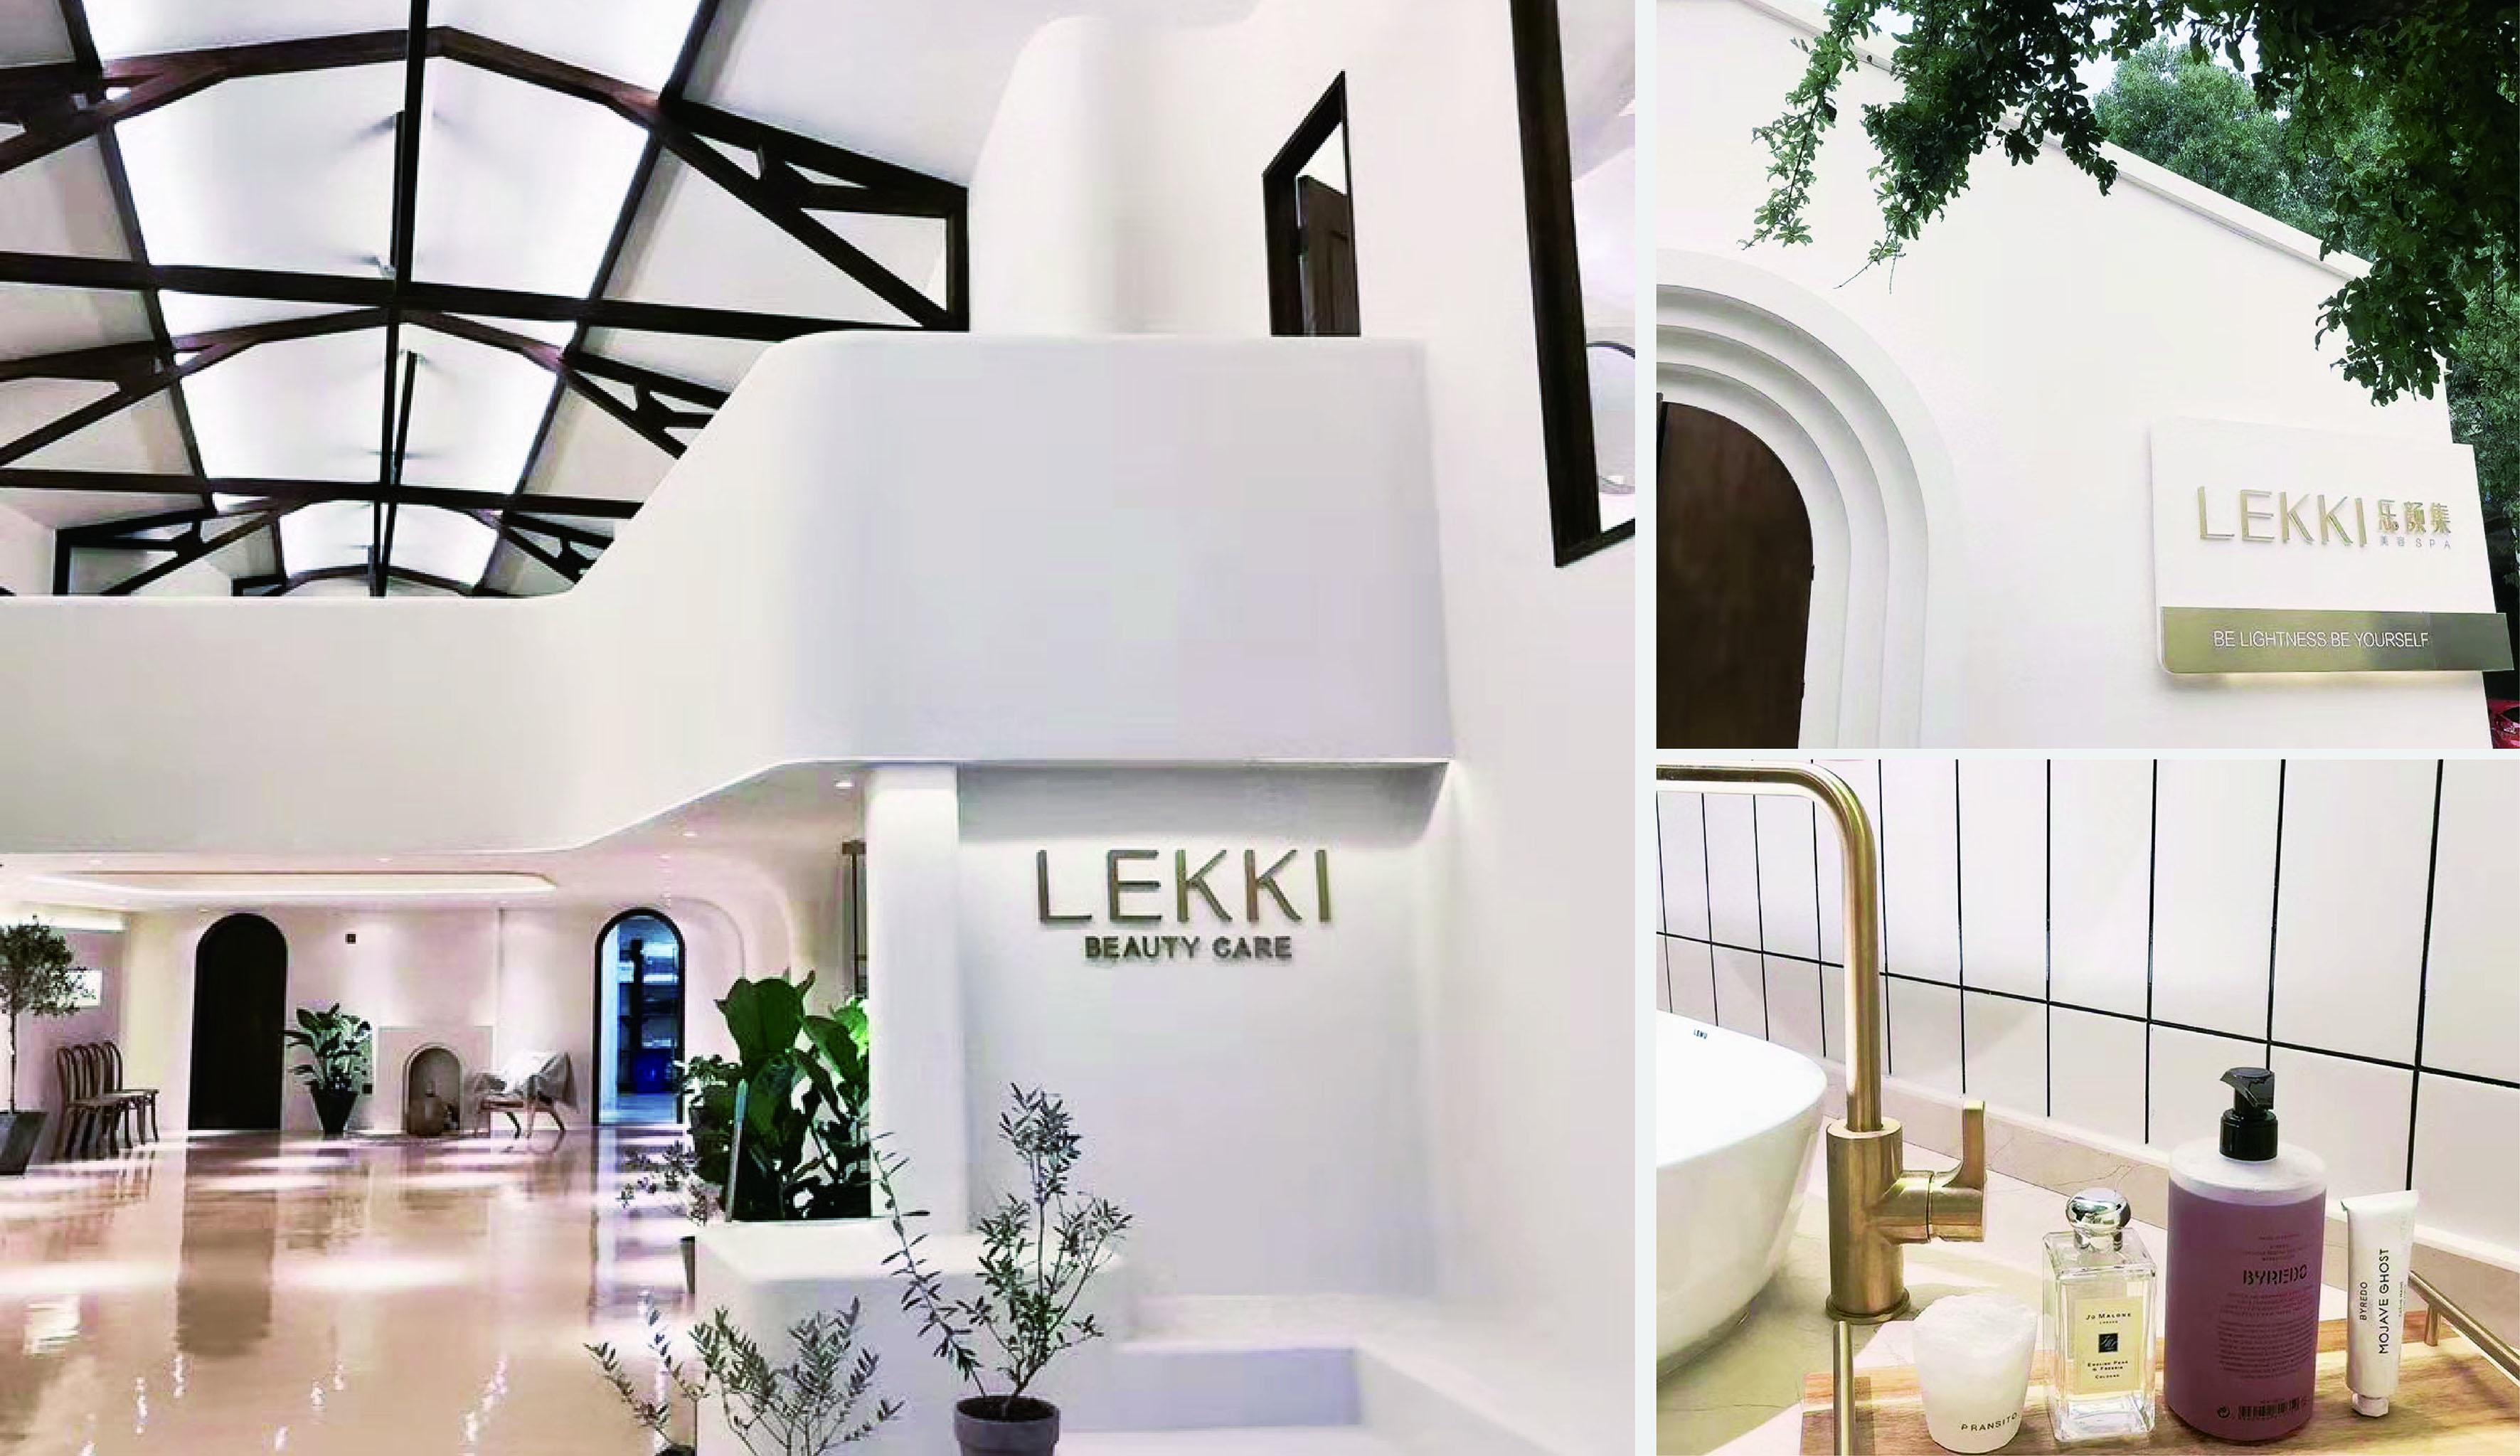 LEKKI乐颜集品牌全案策划设计:空间展示